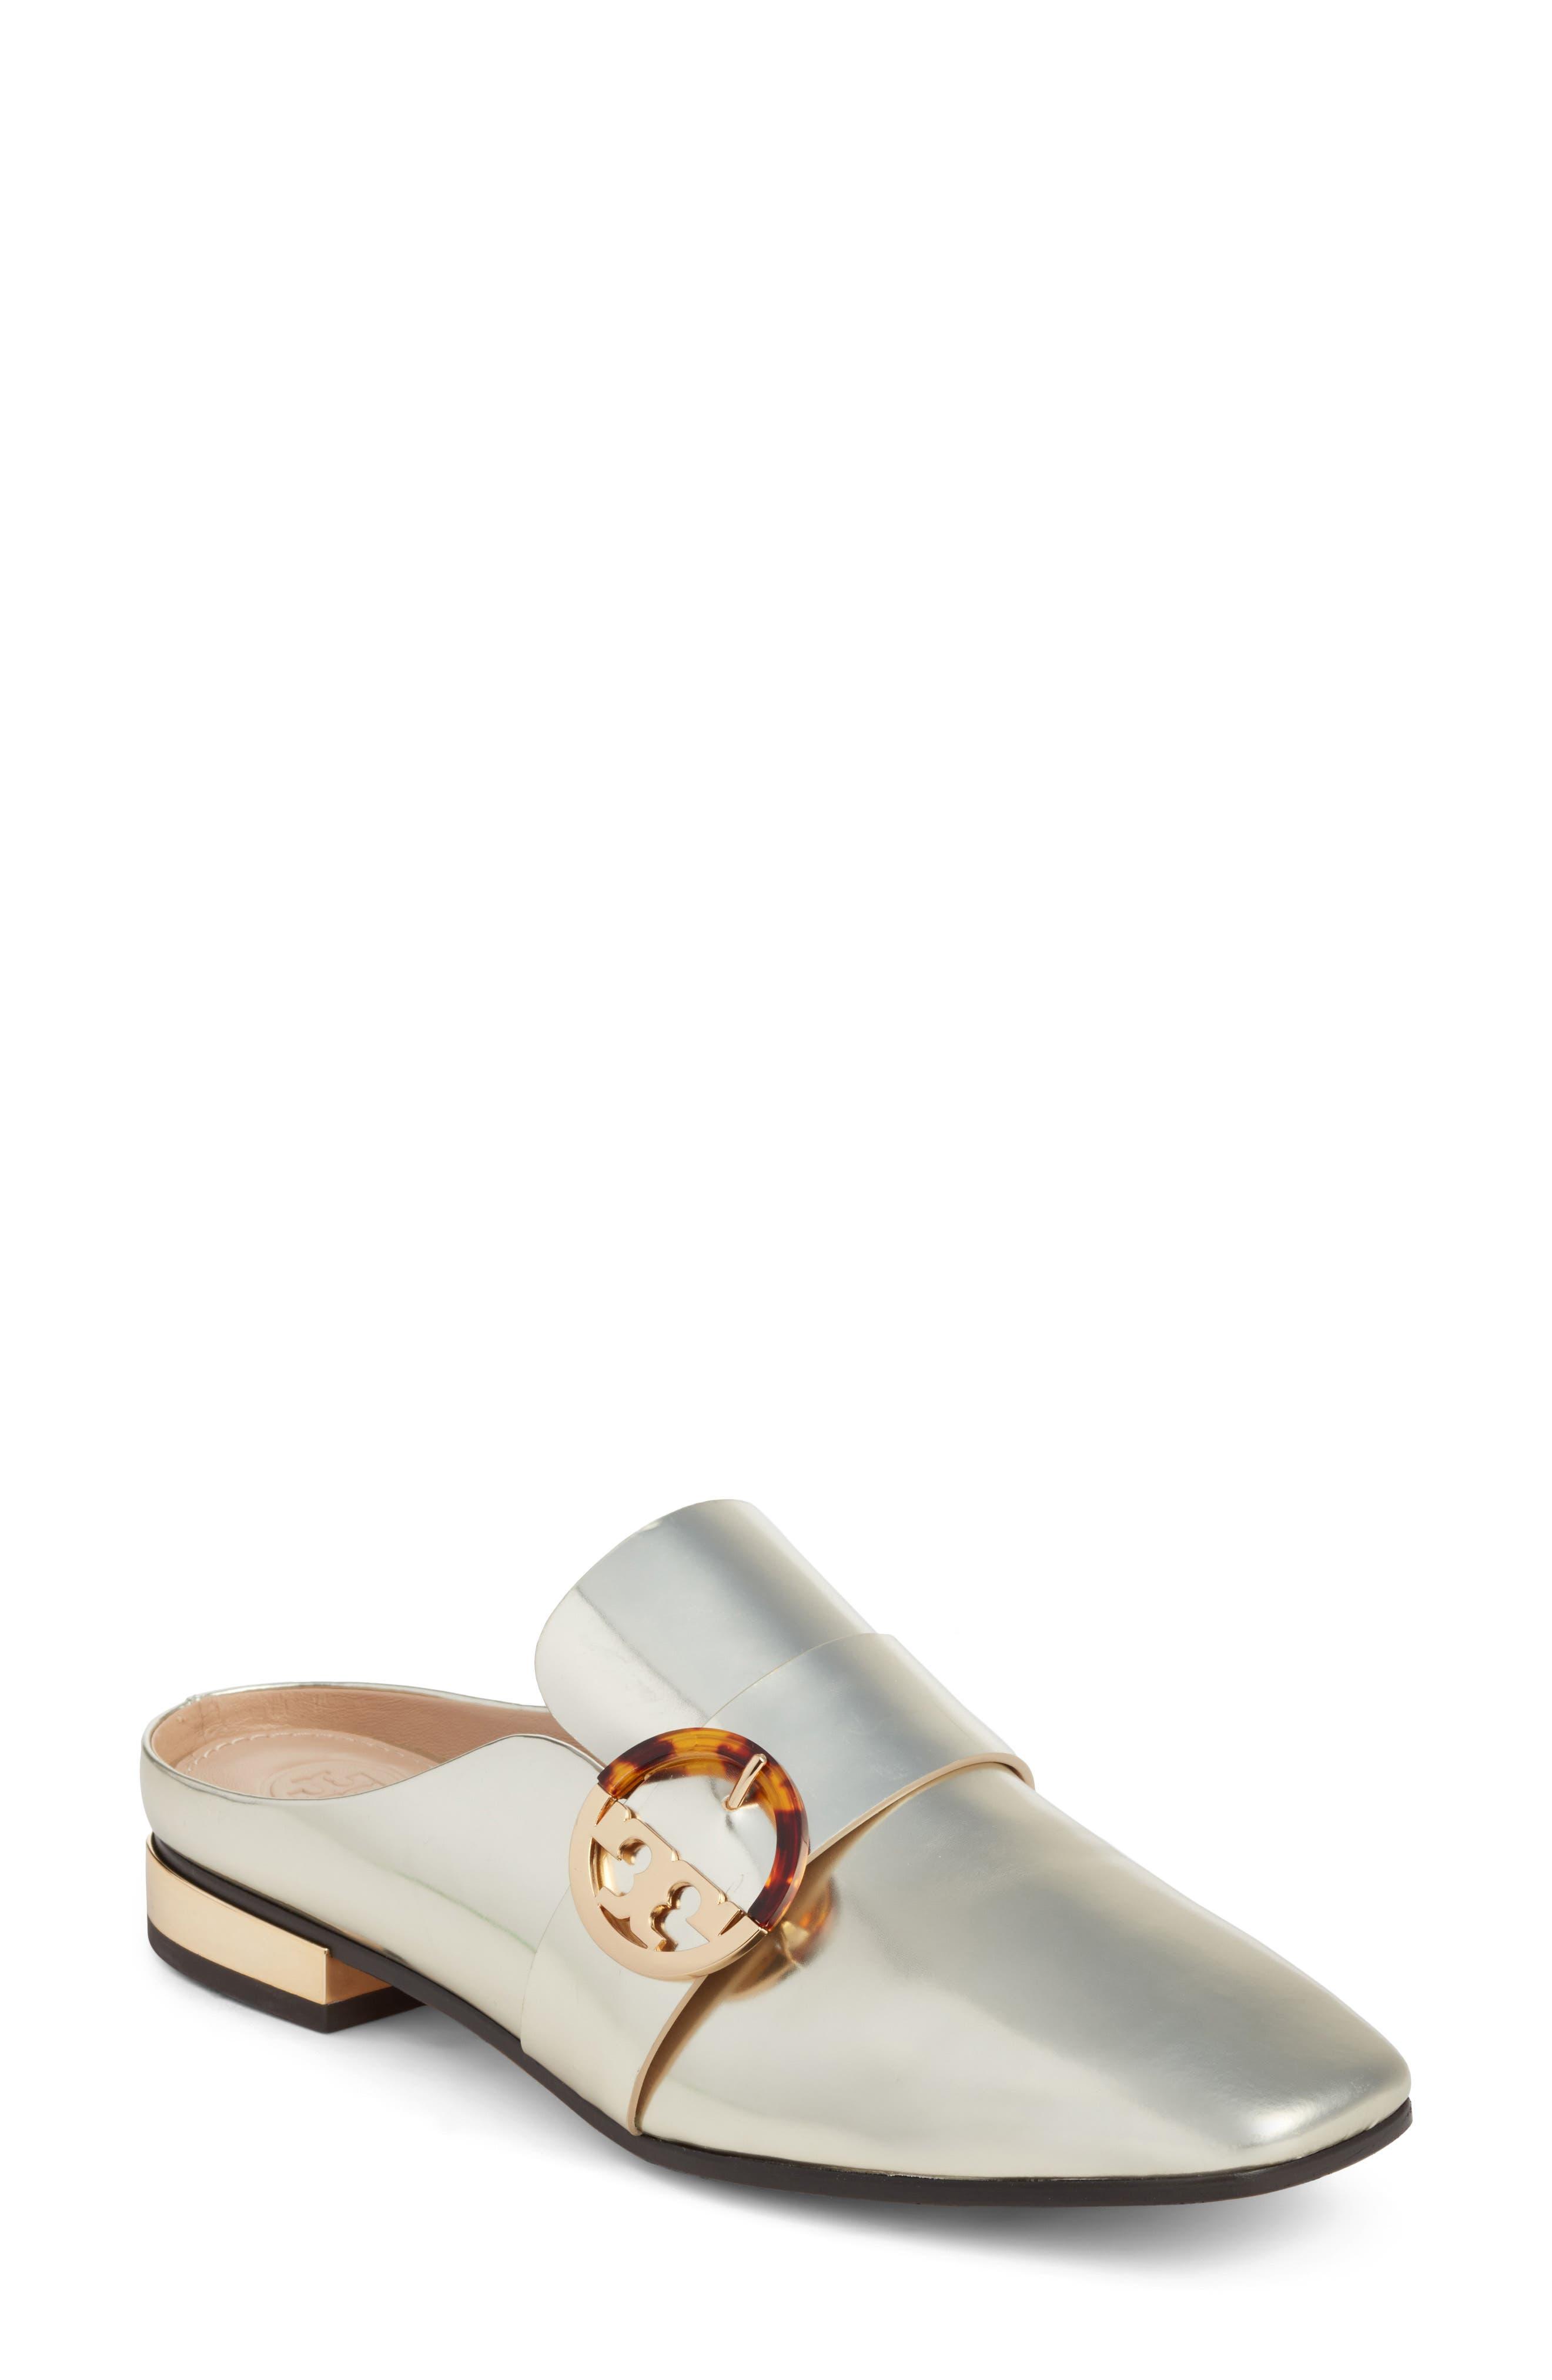 Sidney Backless Loafer,                         Main,                         color, Spark Gold